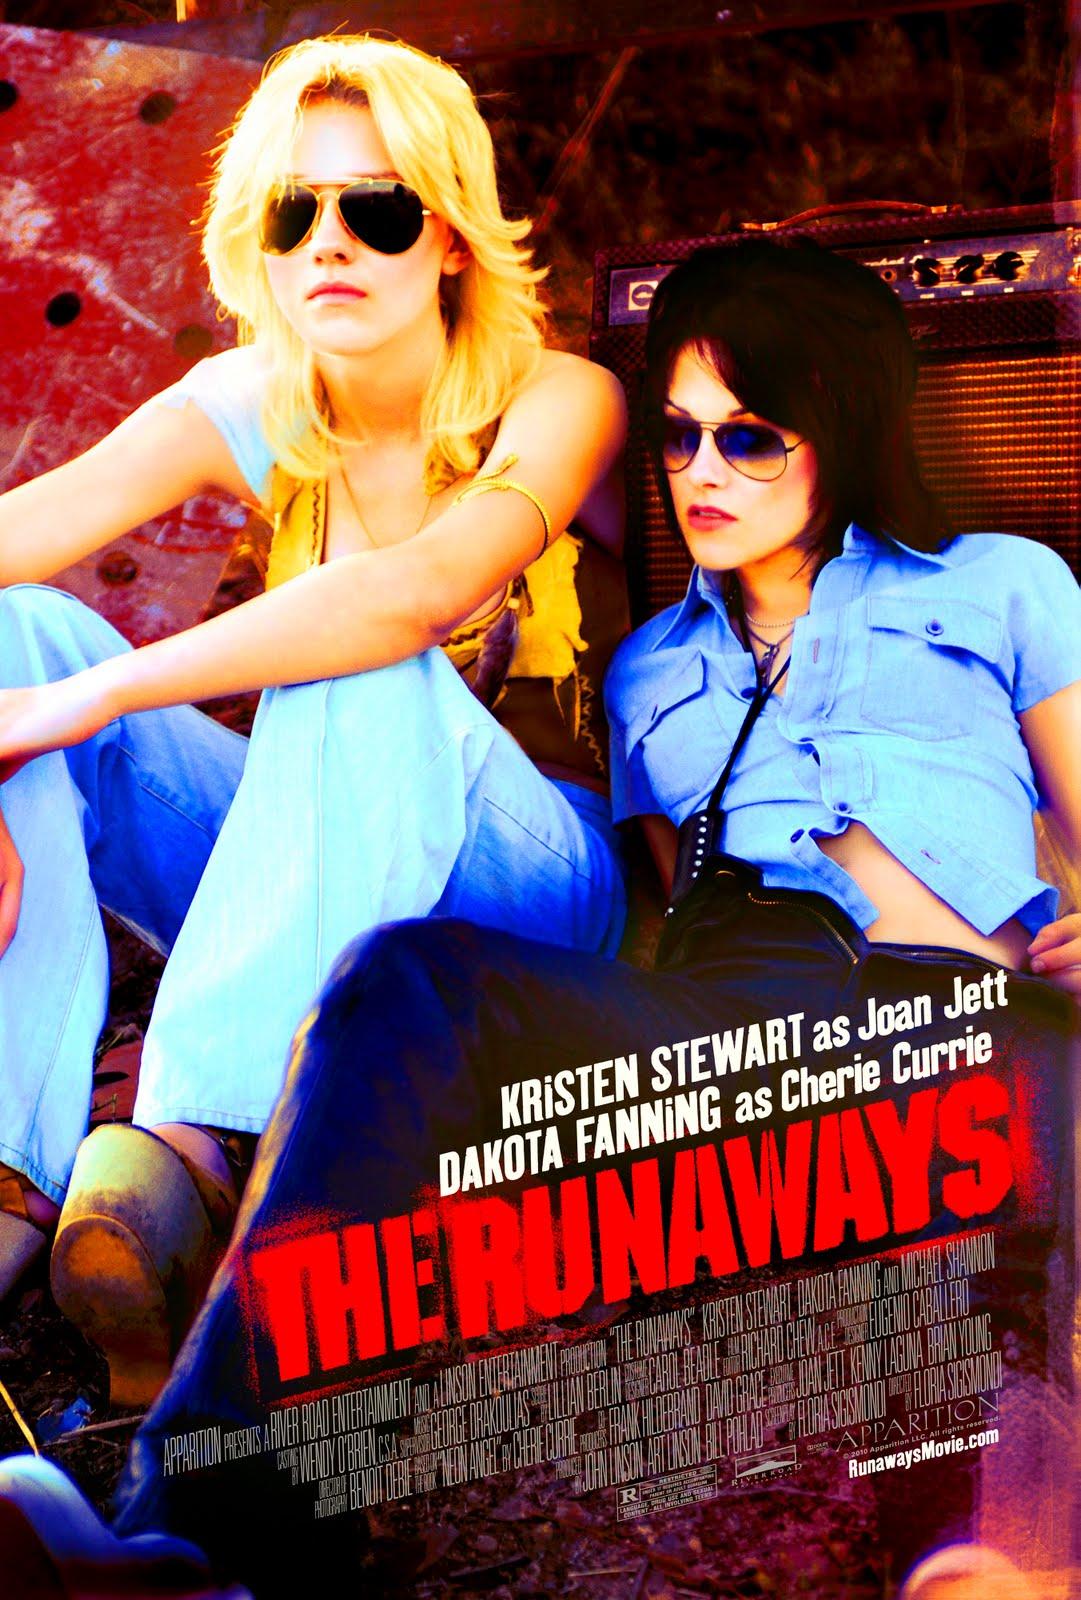 http://1.bp.blogspot.com/-RpIDh_Jb1sE/TsprB8H1ztI/AAAAAAAACvI/Gei0SqM0bXU/s1600/the-runaways-final-movie-poster.jpg